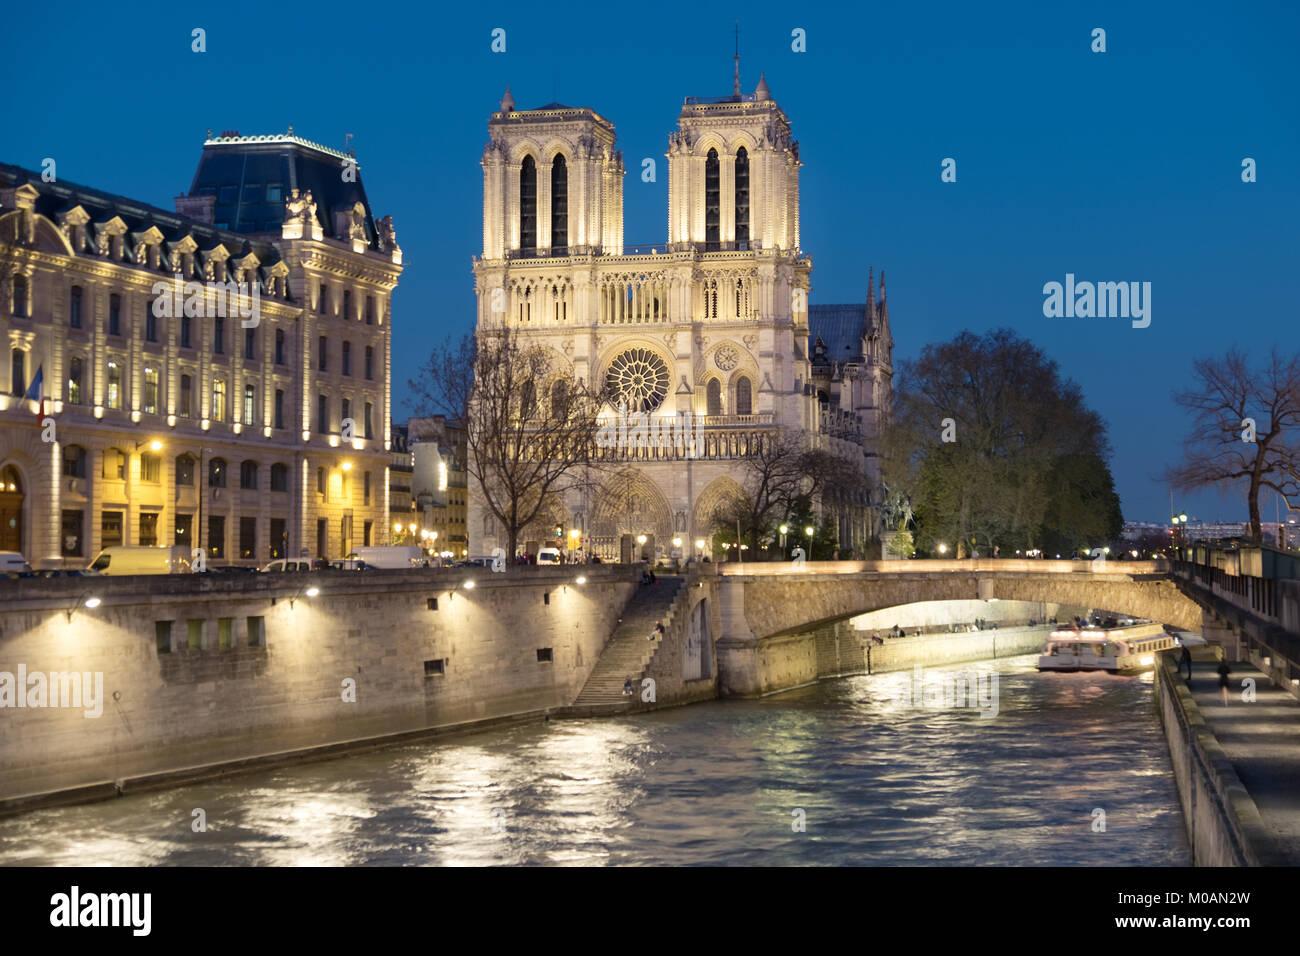 Romantische Paris, beleuchtet Seine und Notre-Dame Kathedrale bei Nacht. Panoramic Image, flacher Freiheitsgrad, Stockbild